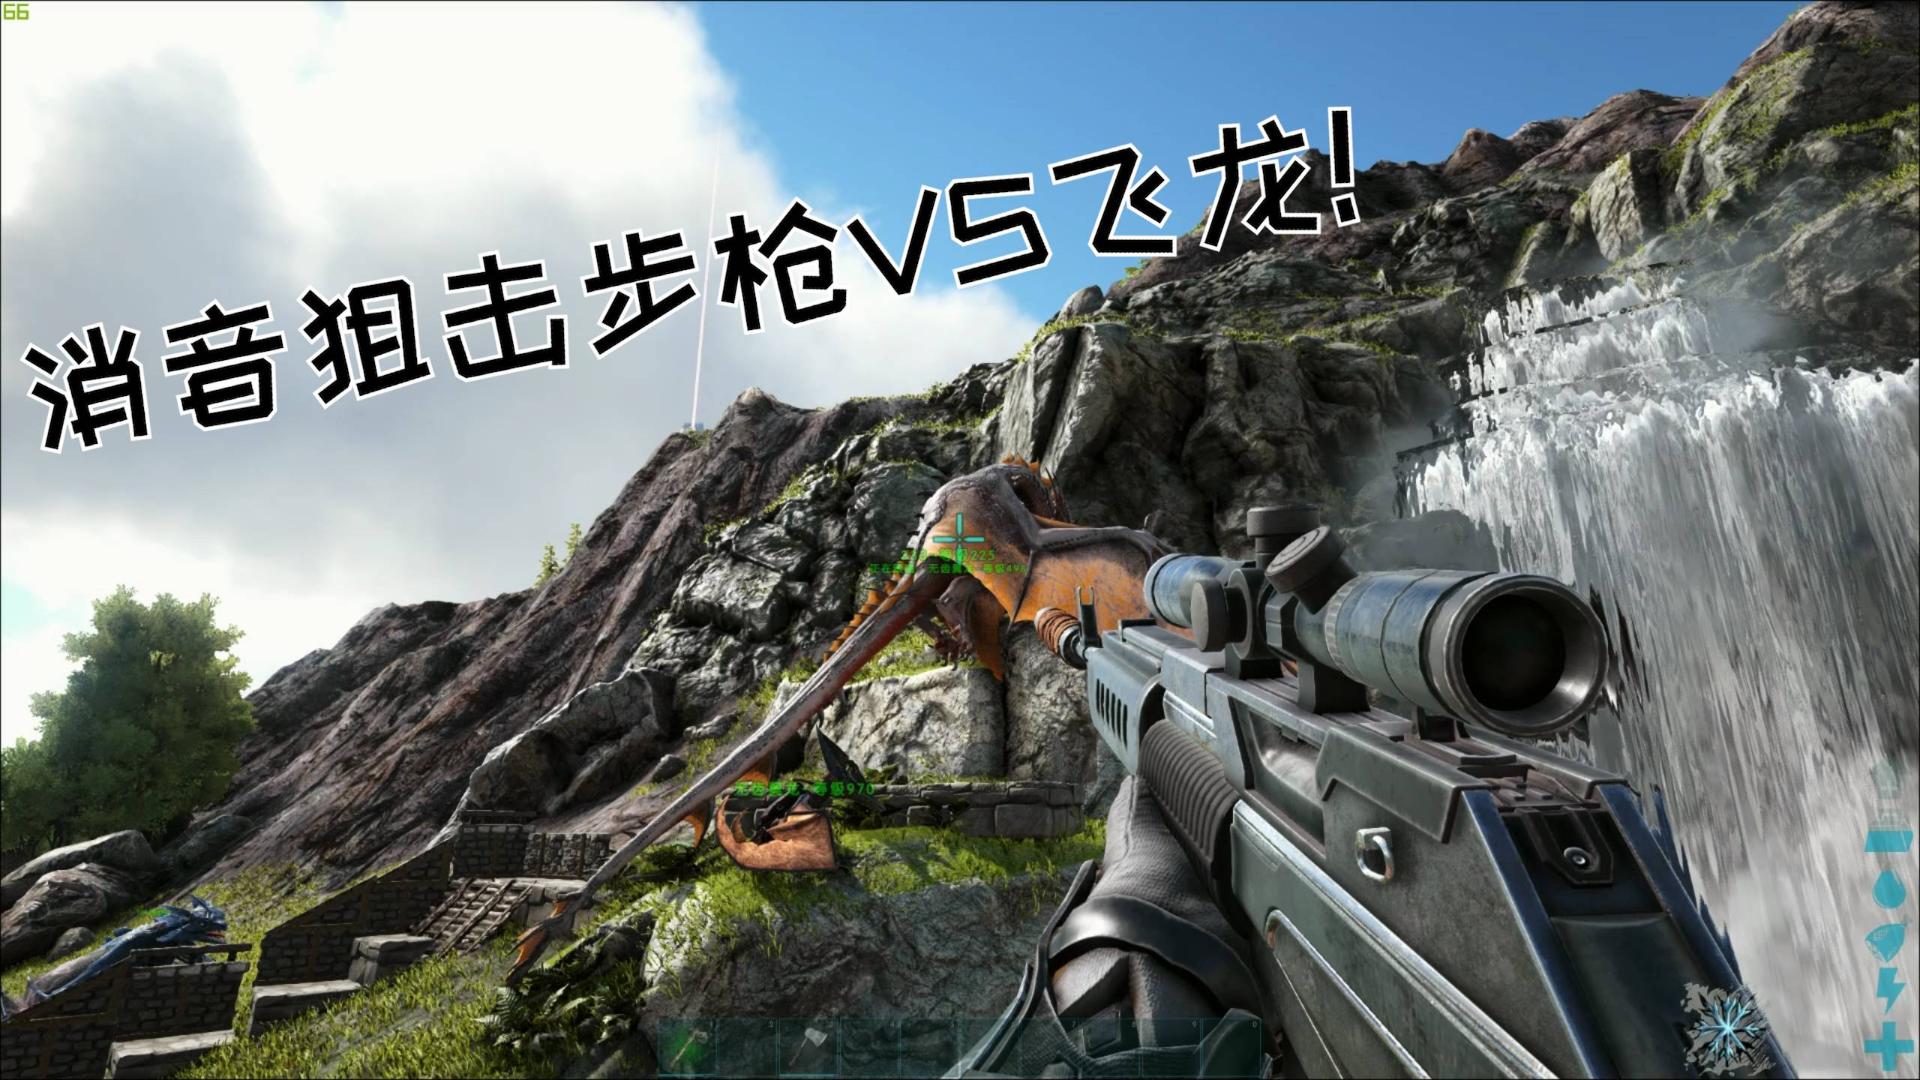 方舟仙境06:消音狙击步枪VS飞龙,其实我知道我打不过